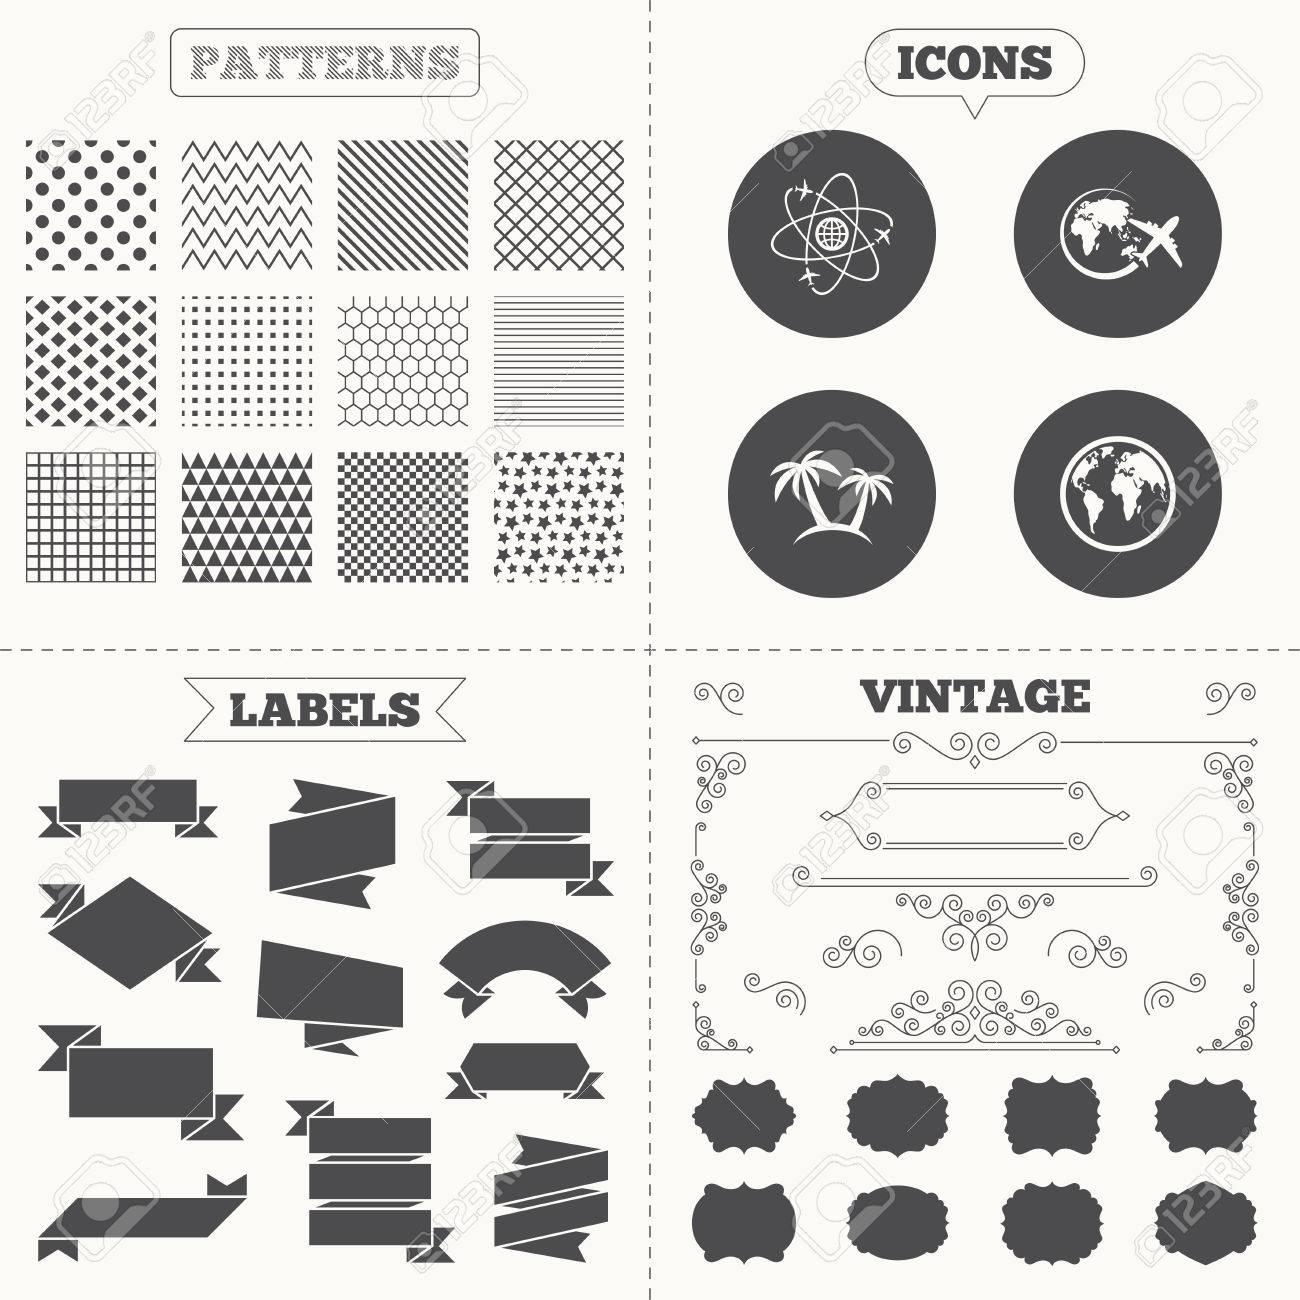 seamless patterns. sale tags étiquettes. voyage voyage icône. avion